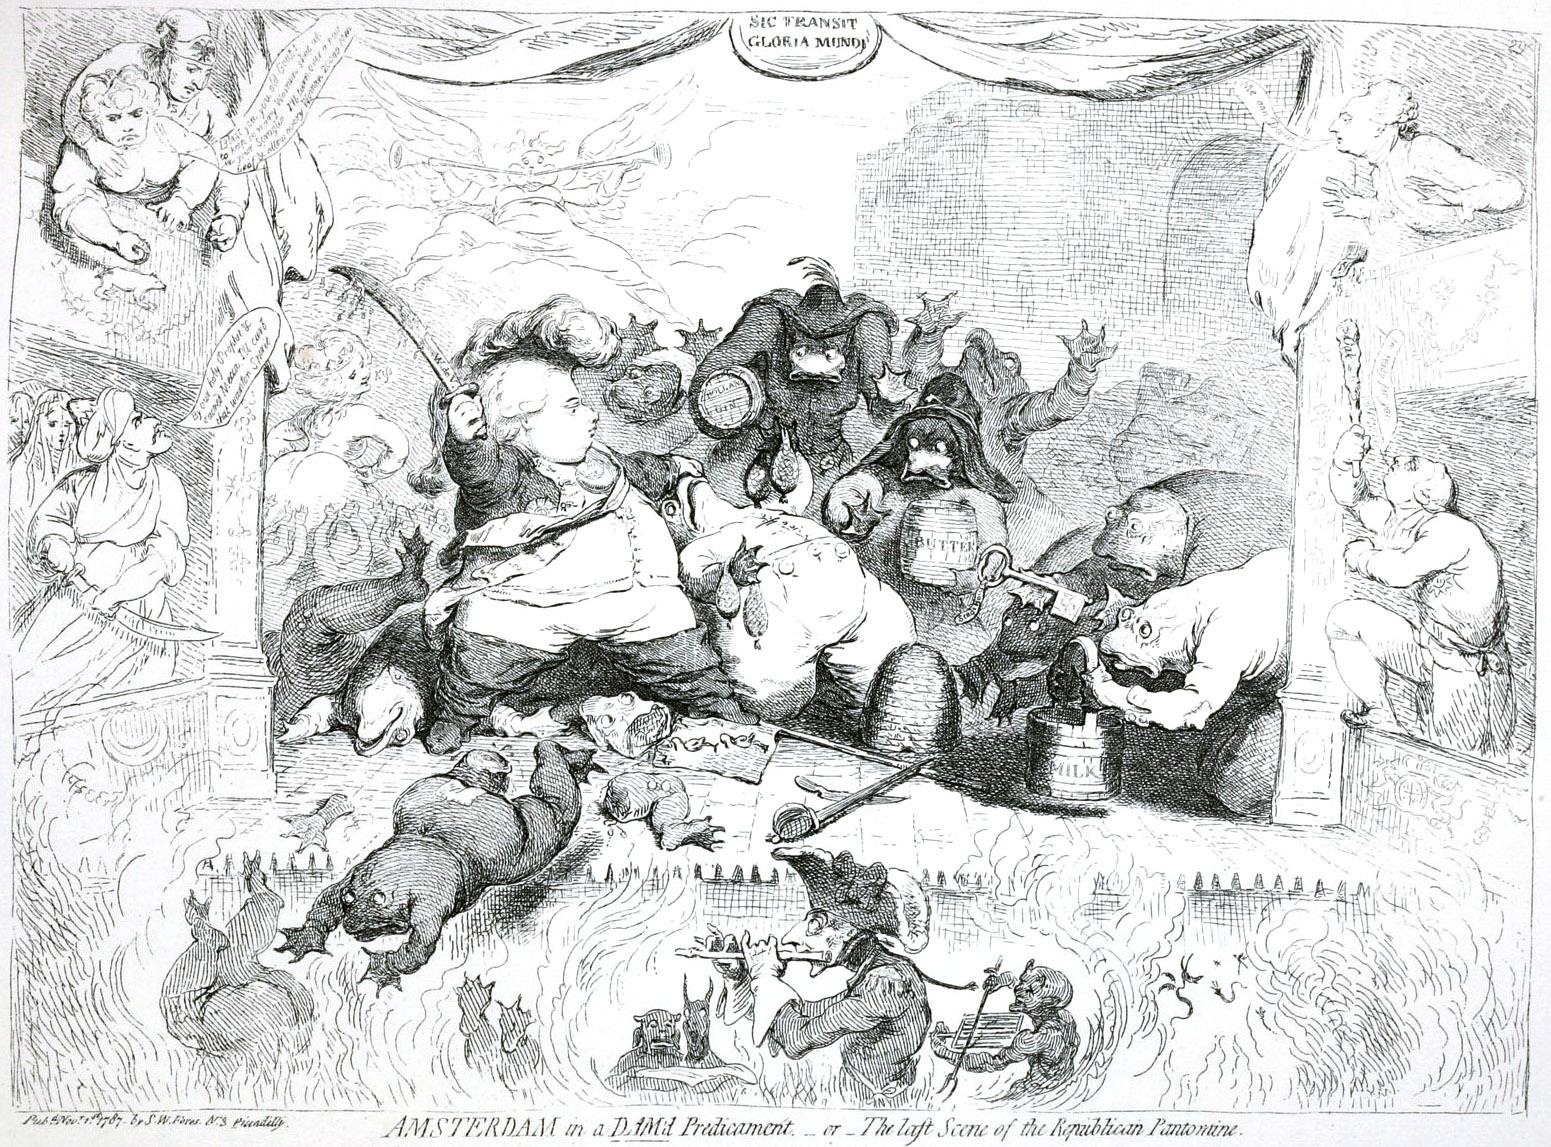 351. Карикатура на усмирение восстания в Амстердаме в 1787 году.